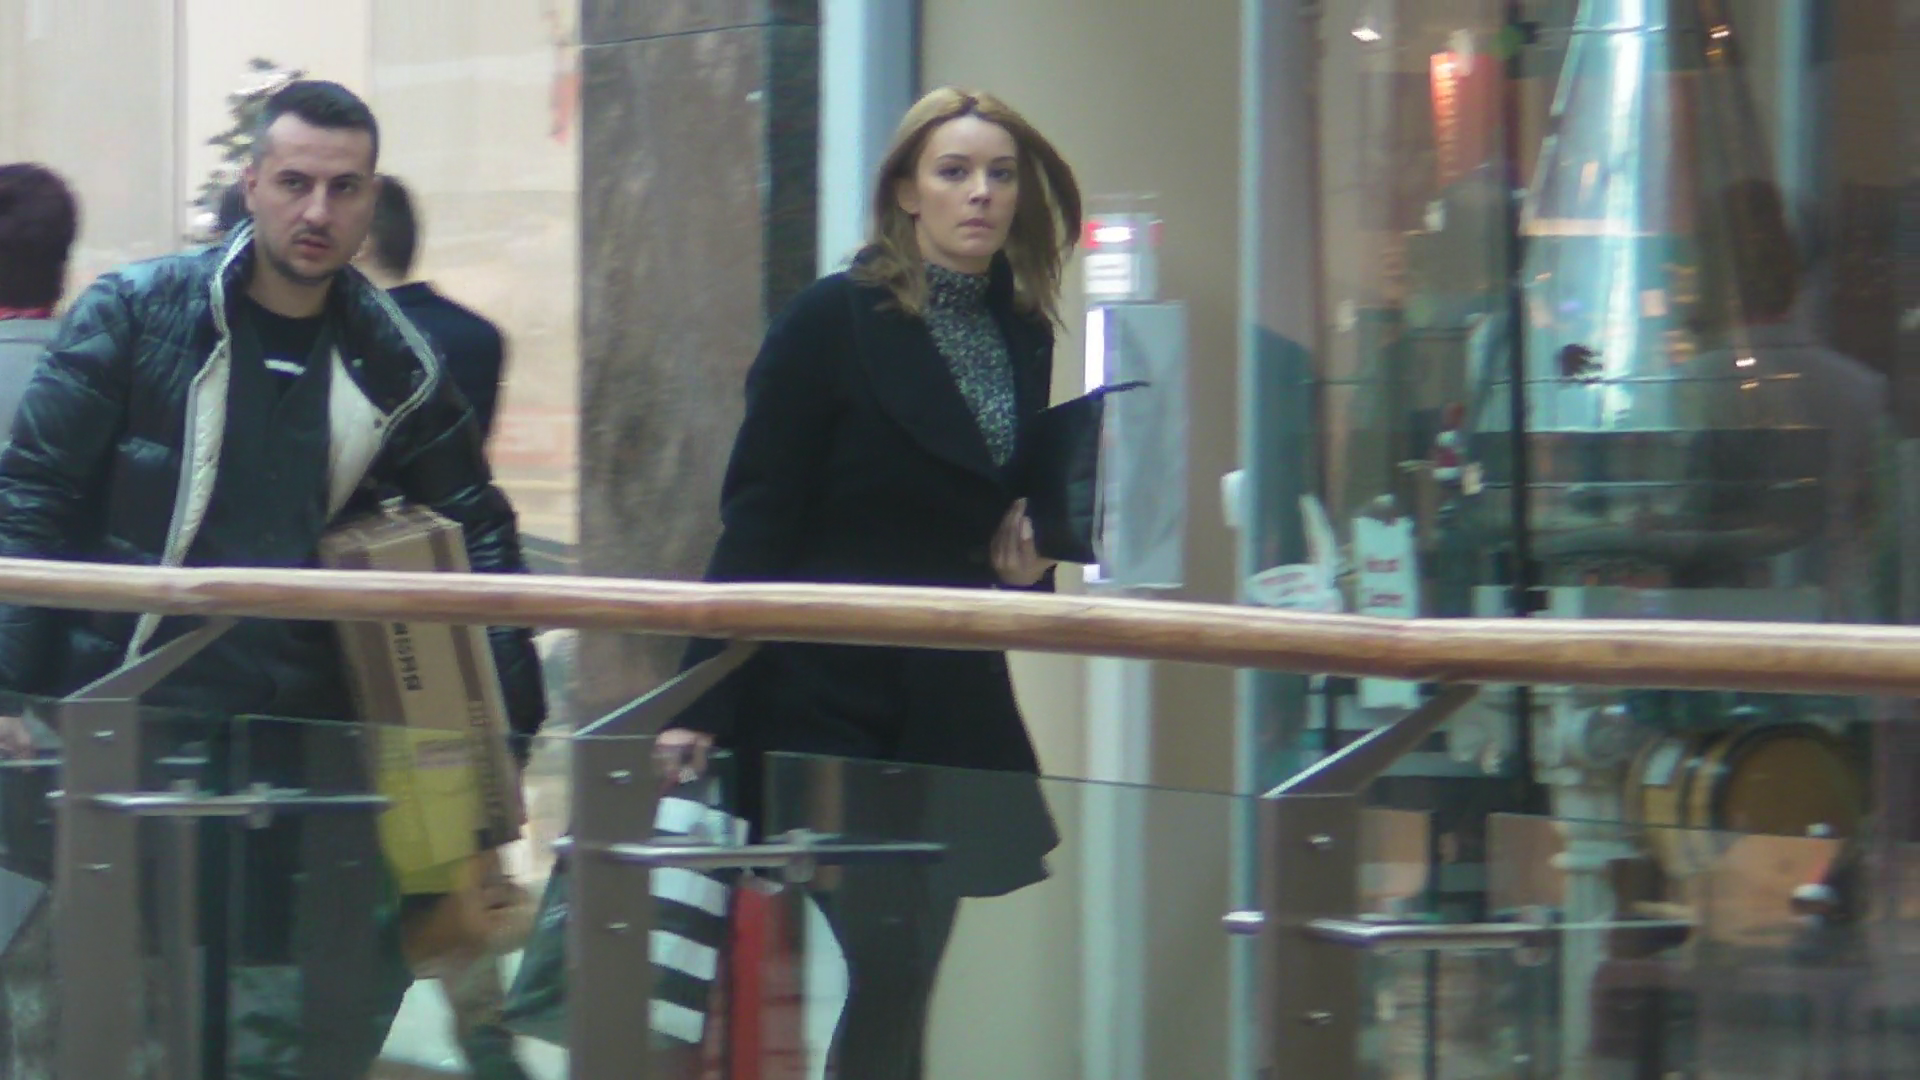 Desi au plecat din centrul comercial incarcati cu de toate, cei doi soti nu par prea fericiti